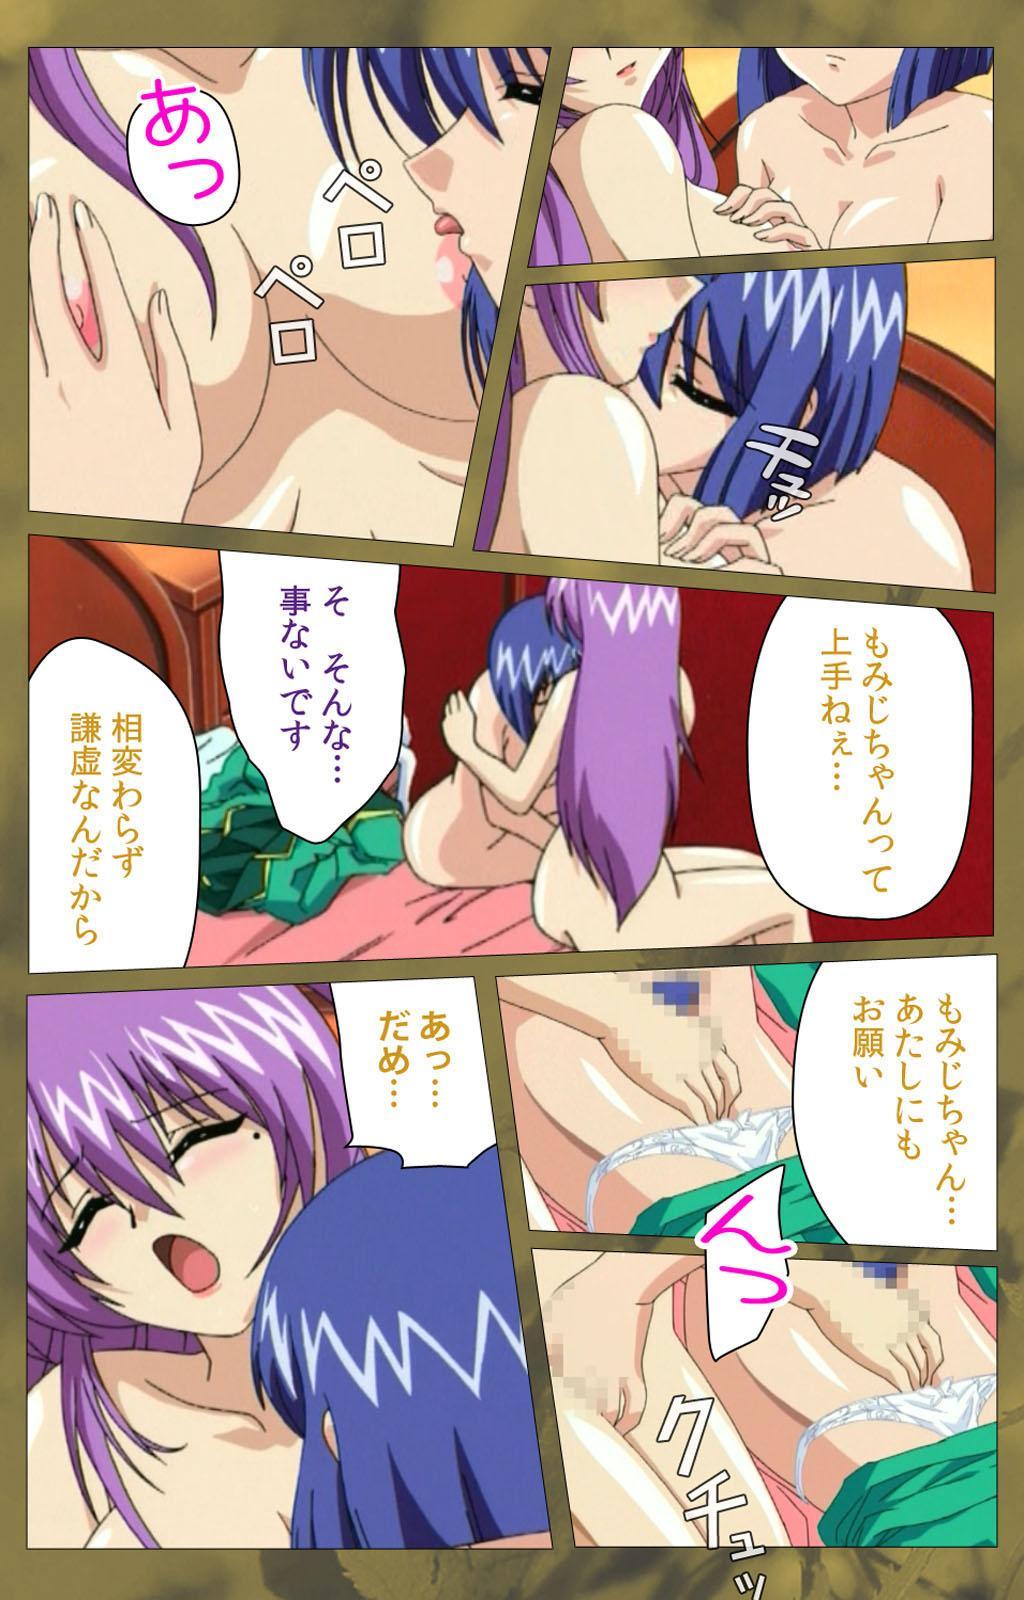 'watashi ningyo jaarimasen' kanzenhan 434